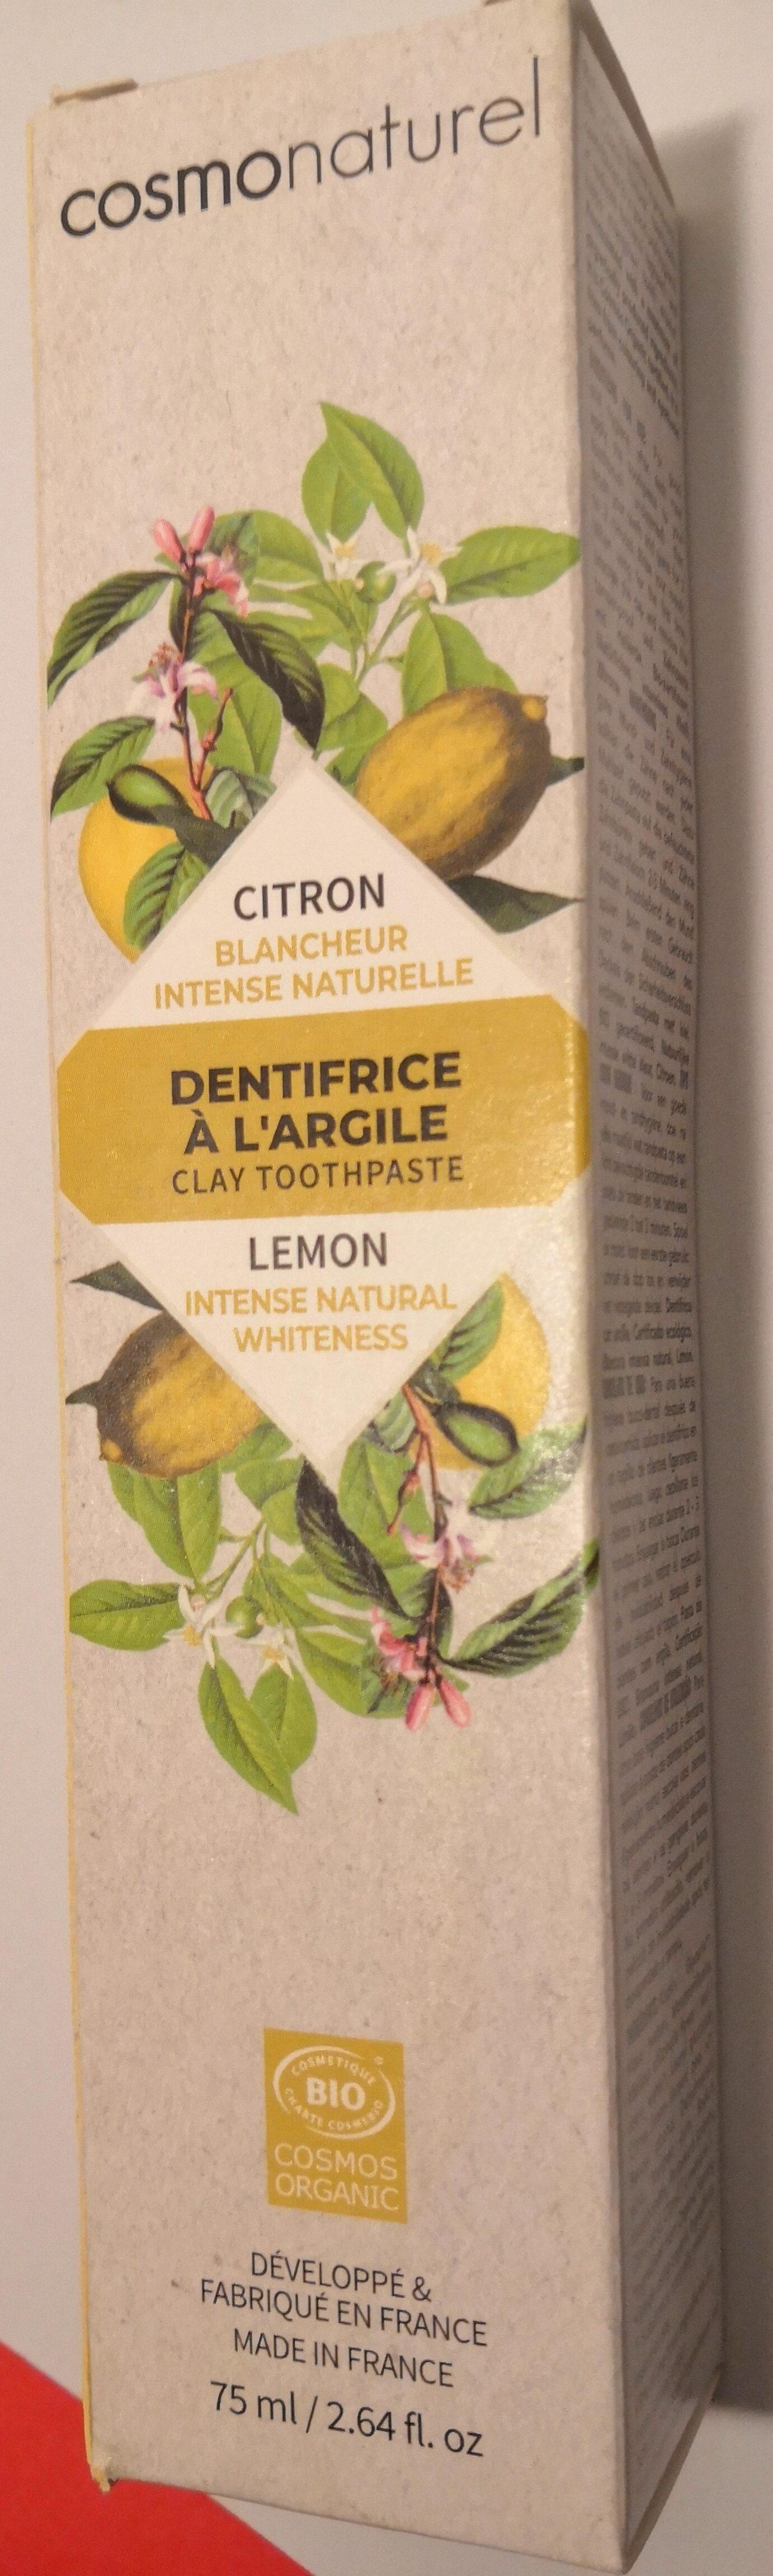 dentifrice à l\'argile - citron - Product - fr